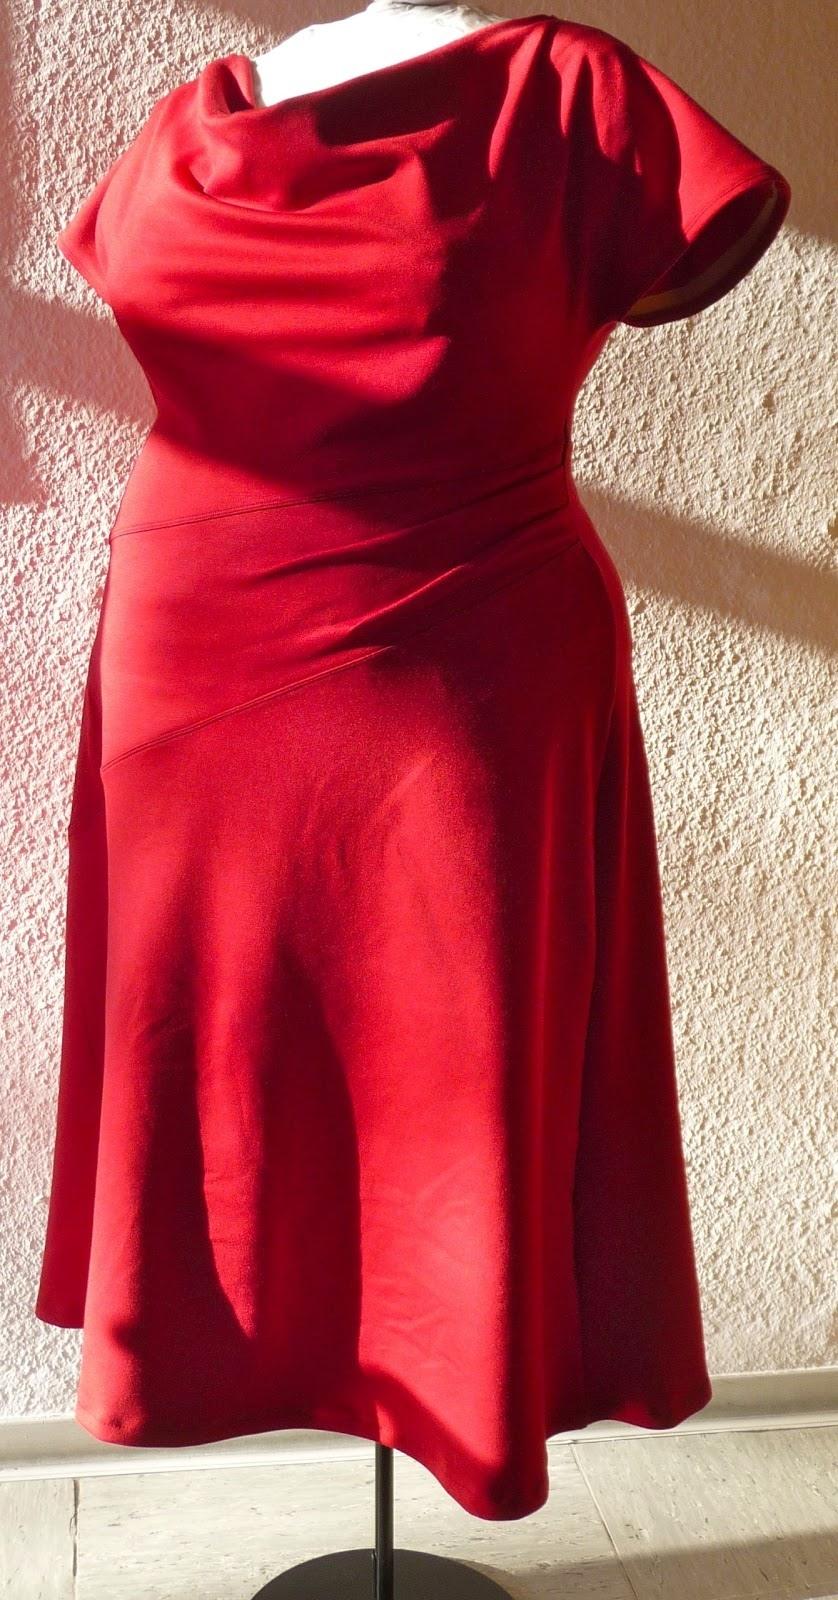 Formal Genial Rotes Kleid Große Größen GalerieAbend Schön Rotes Kleid Große Größen Ärmel